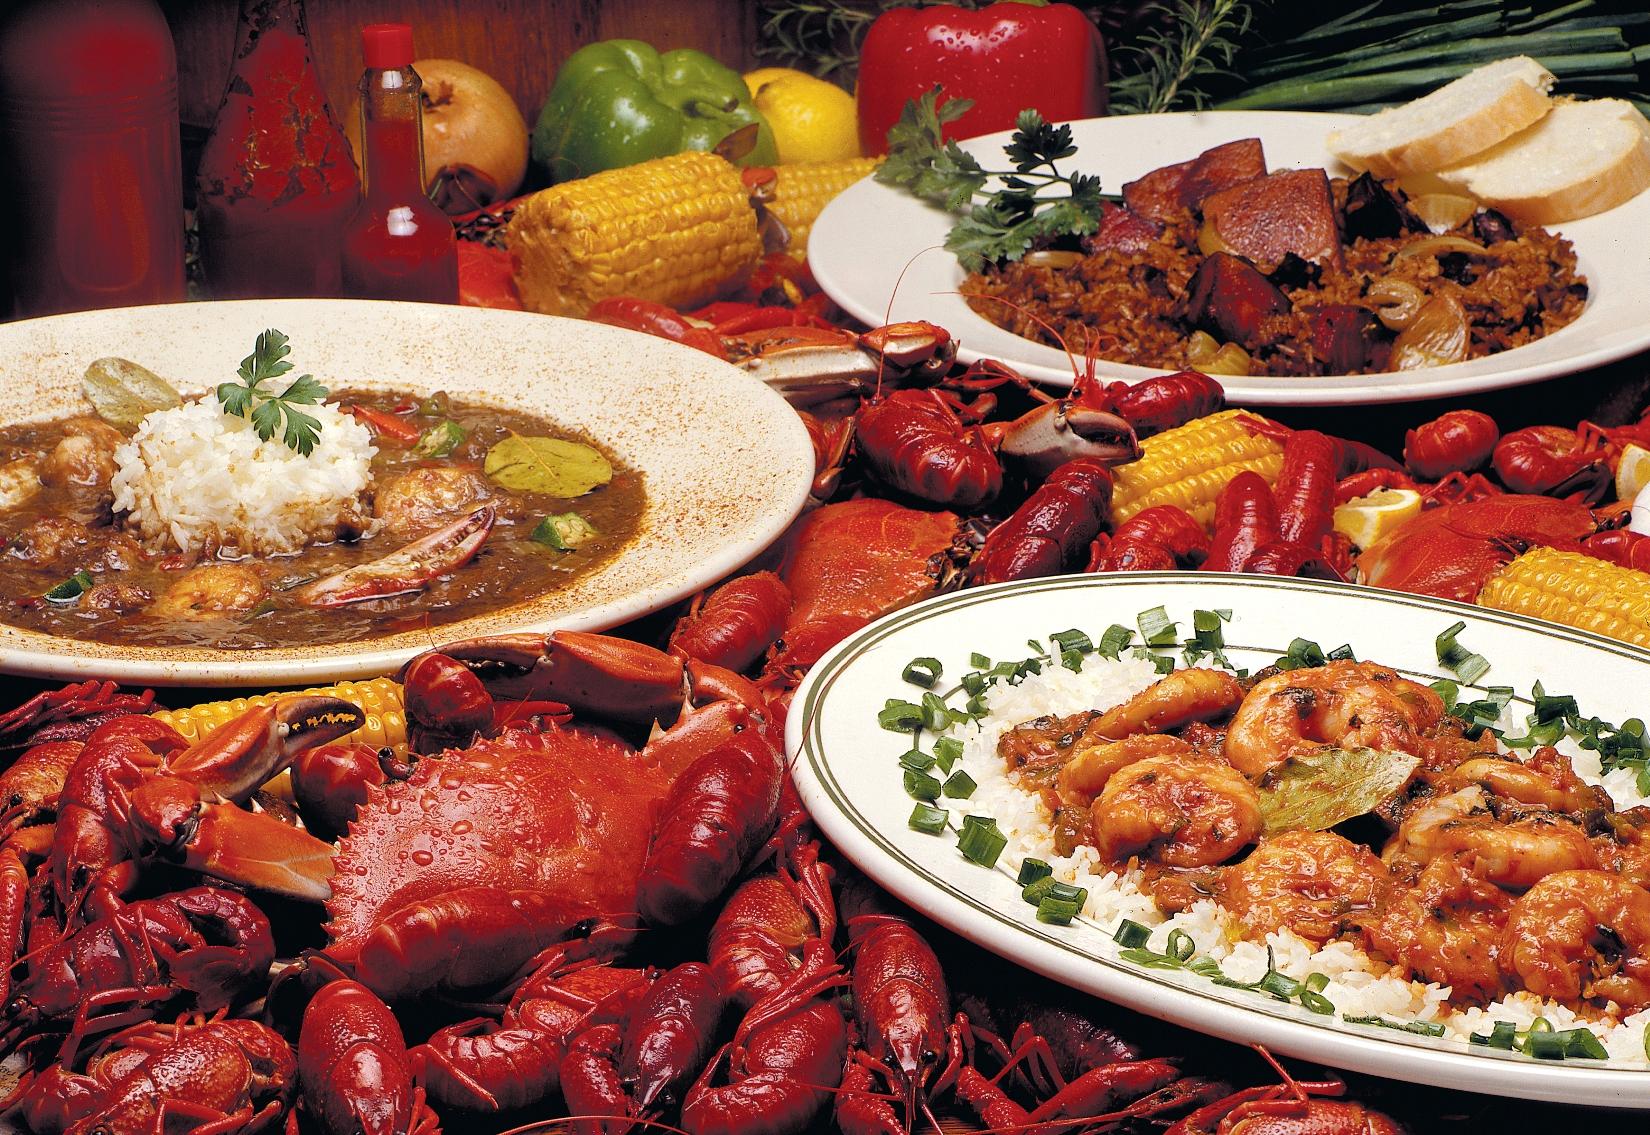 3-Course Cajun Dinner for 6